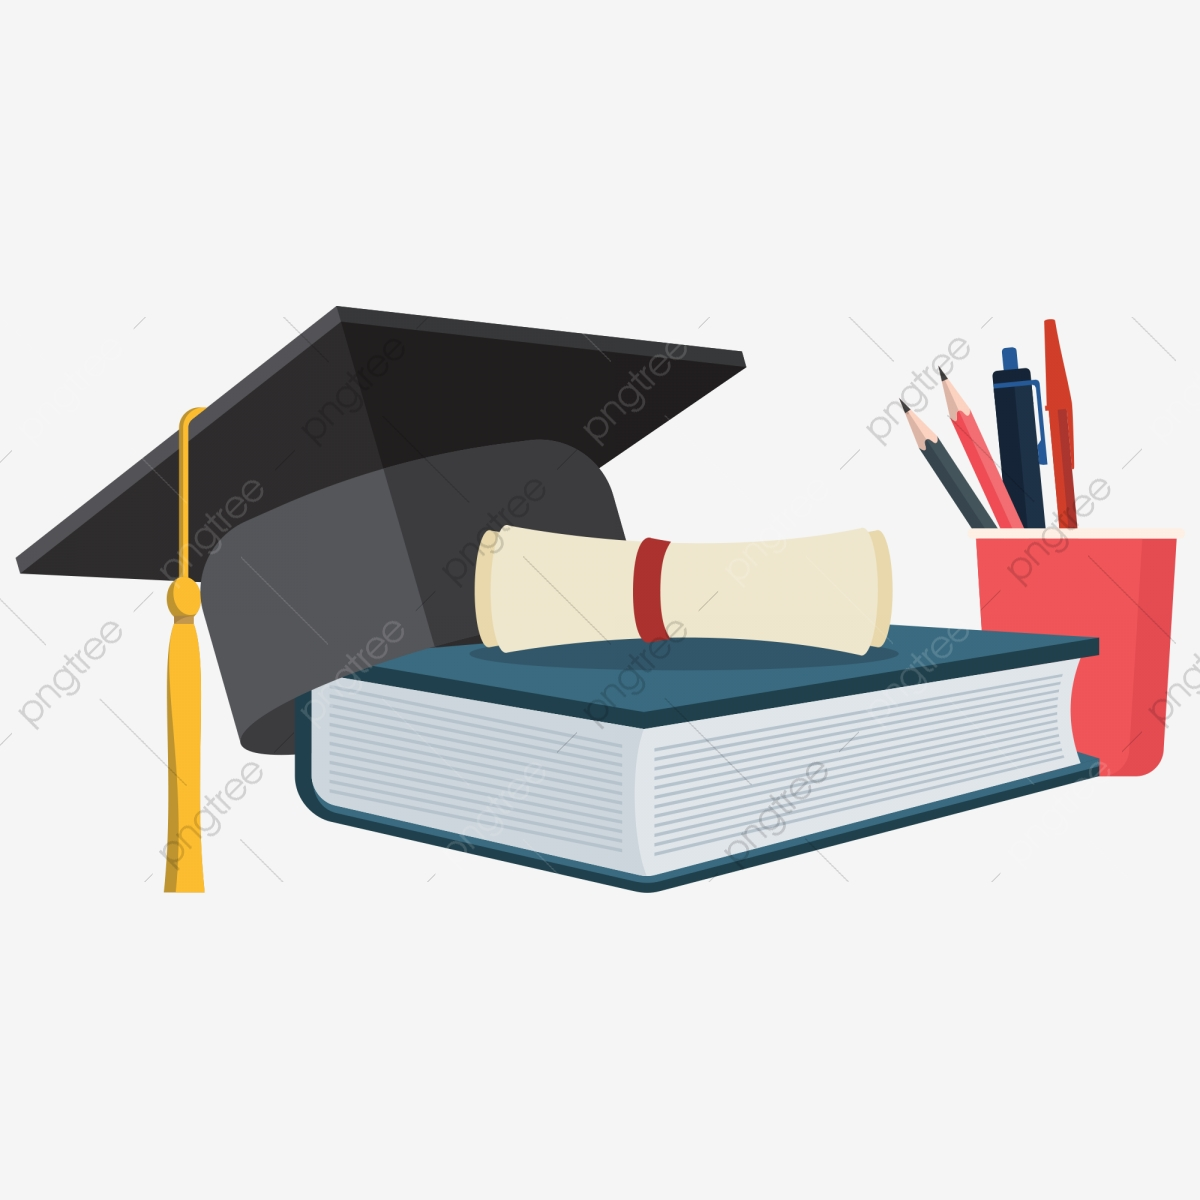 Dissertation holders